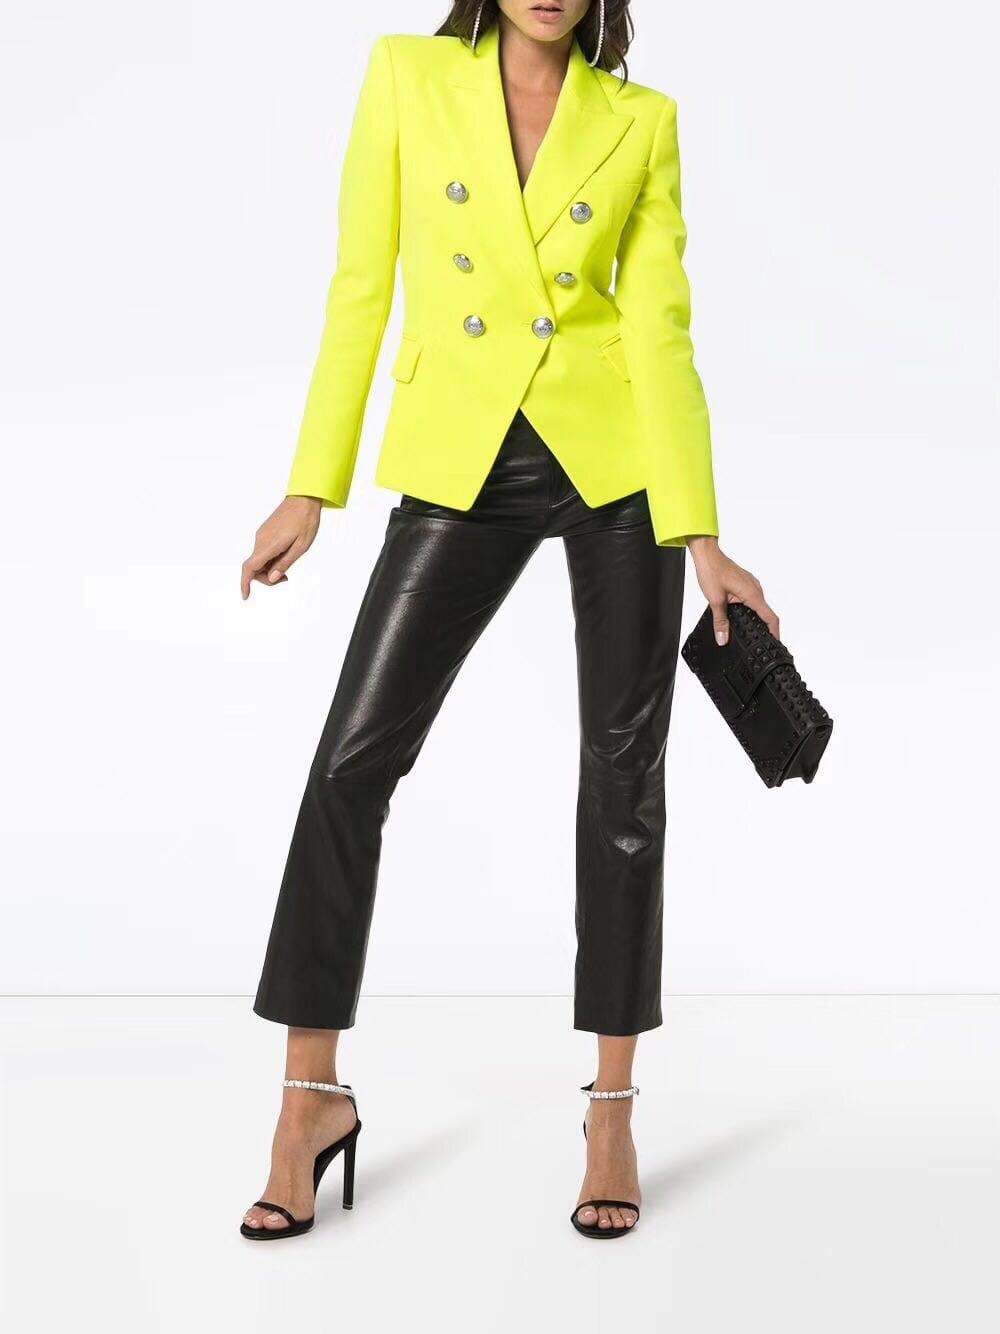 WISHBOP TOP QUALITÄT!!!! Zitrone Gelb Einfarbig Zweireiher Blazer Für Frau 2019ss Begrenzte Farbe AAA KLASSE-in Blazer aus Damenbekleidung bei  Gruppe 1